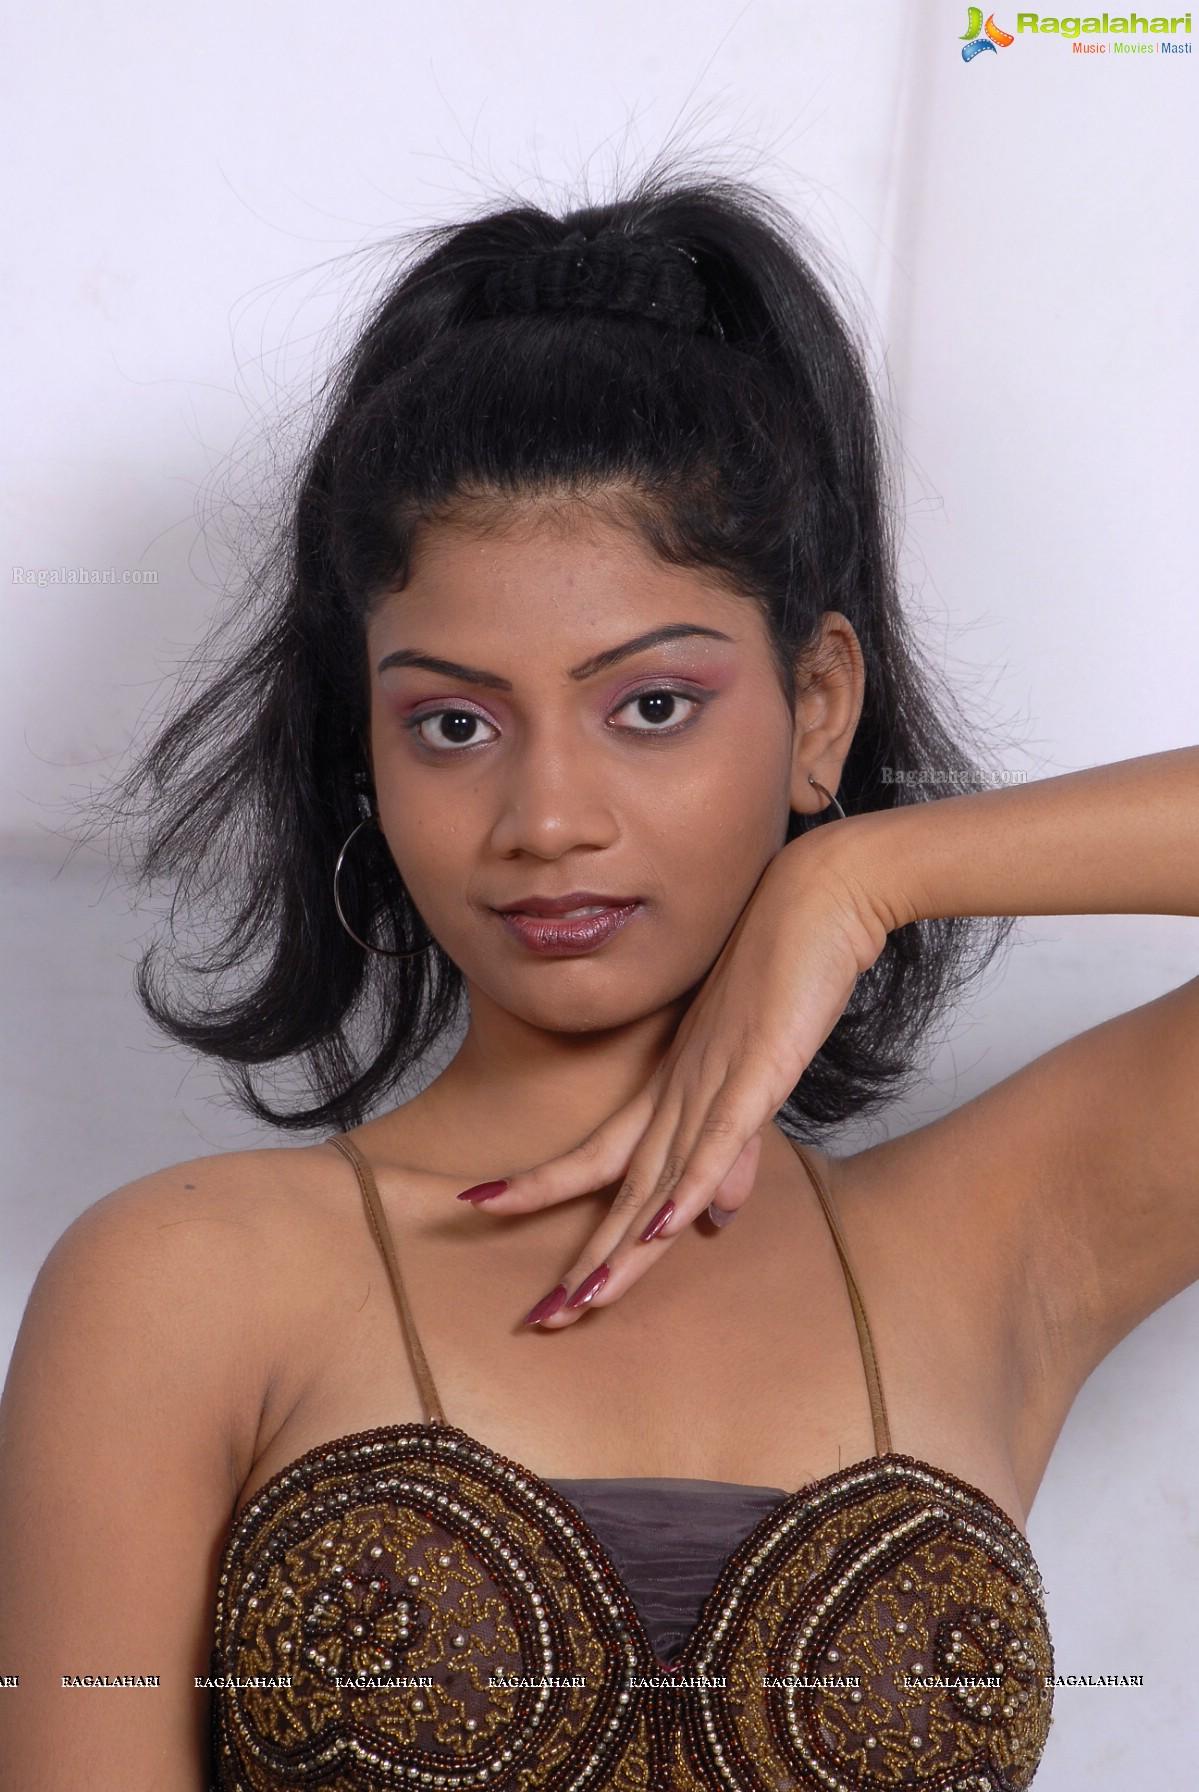 Bindu (Hi-Res)